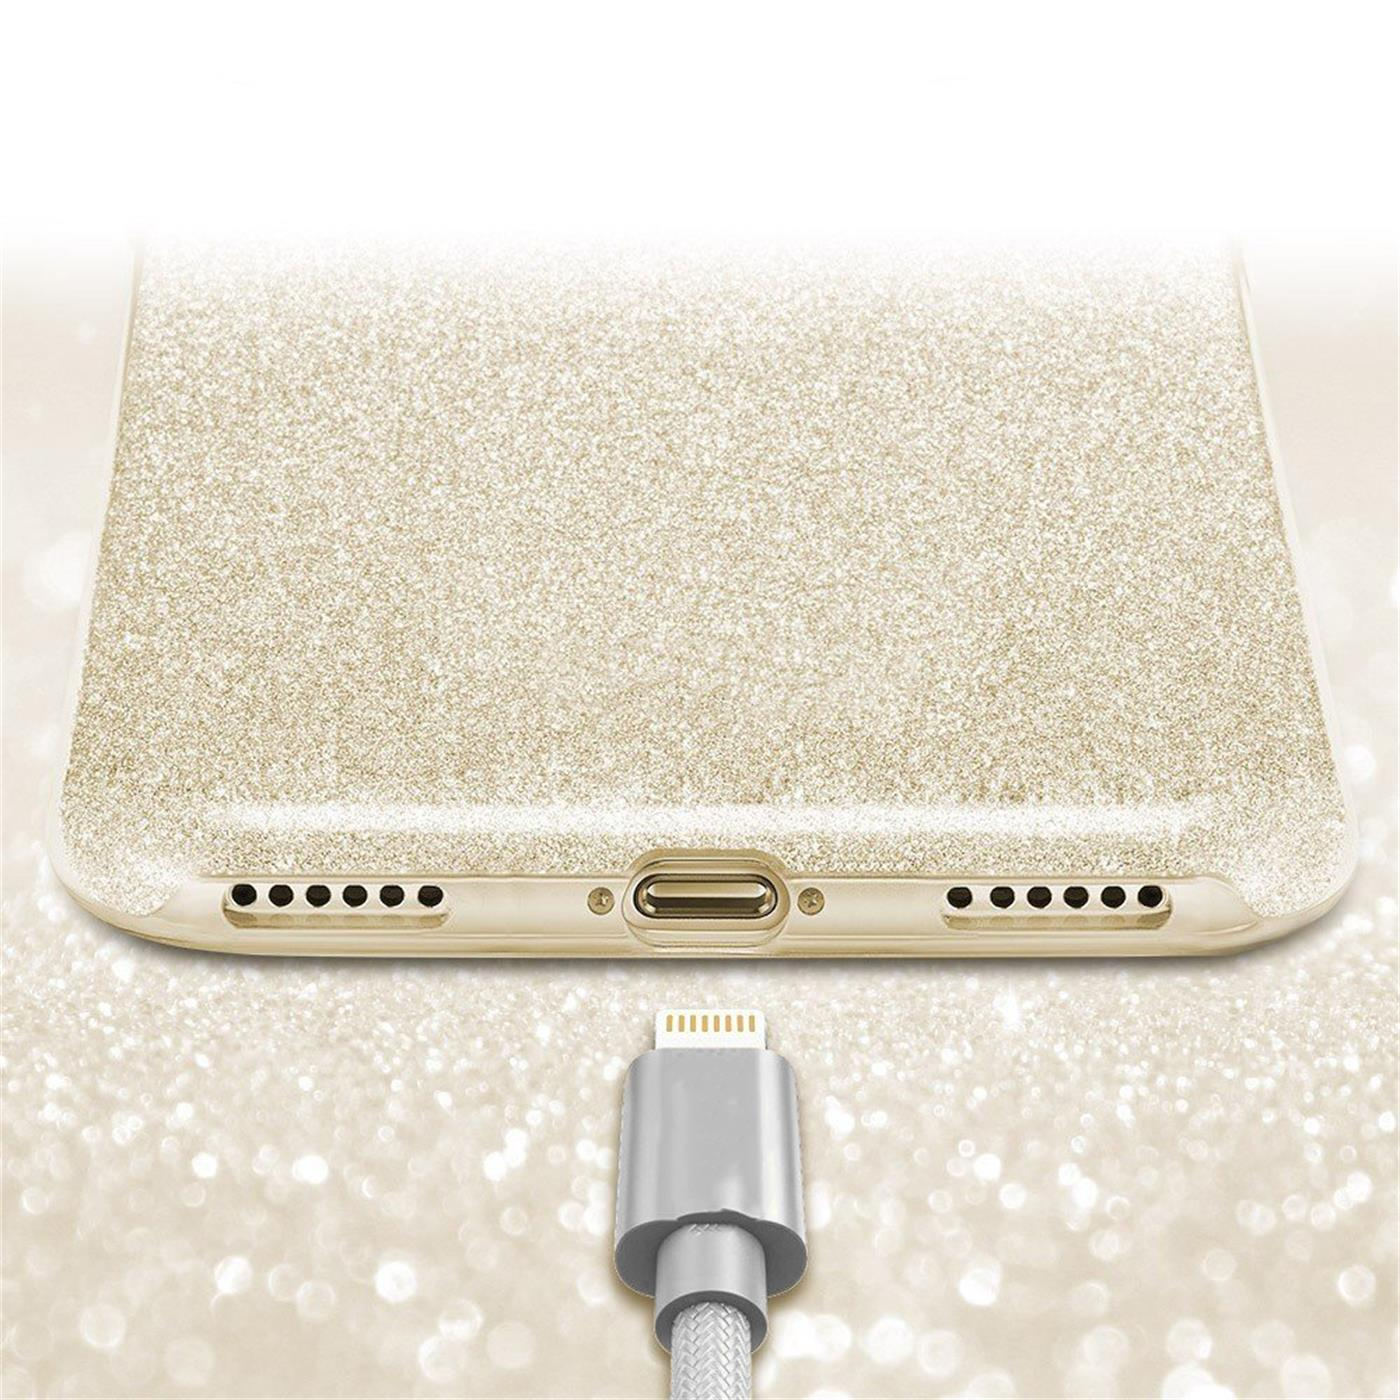 Handy-Glitzer-Huelle-fuer-Apple-iPhone-Slim-TPU-Cover-Case-Silikon-Schutz-Tasche Indexbild 8